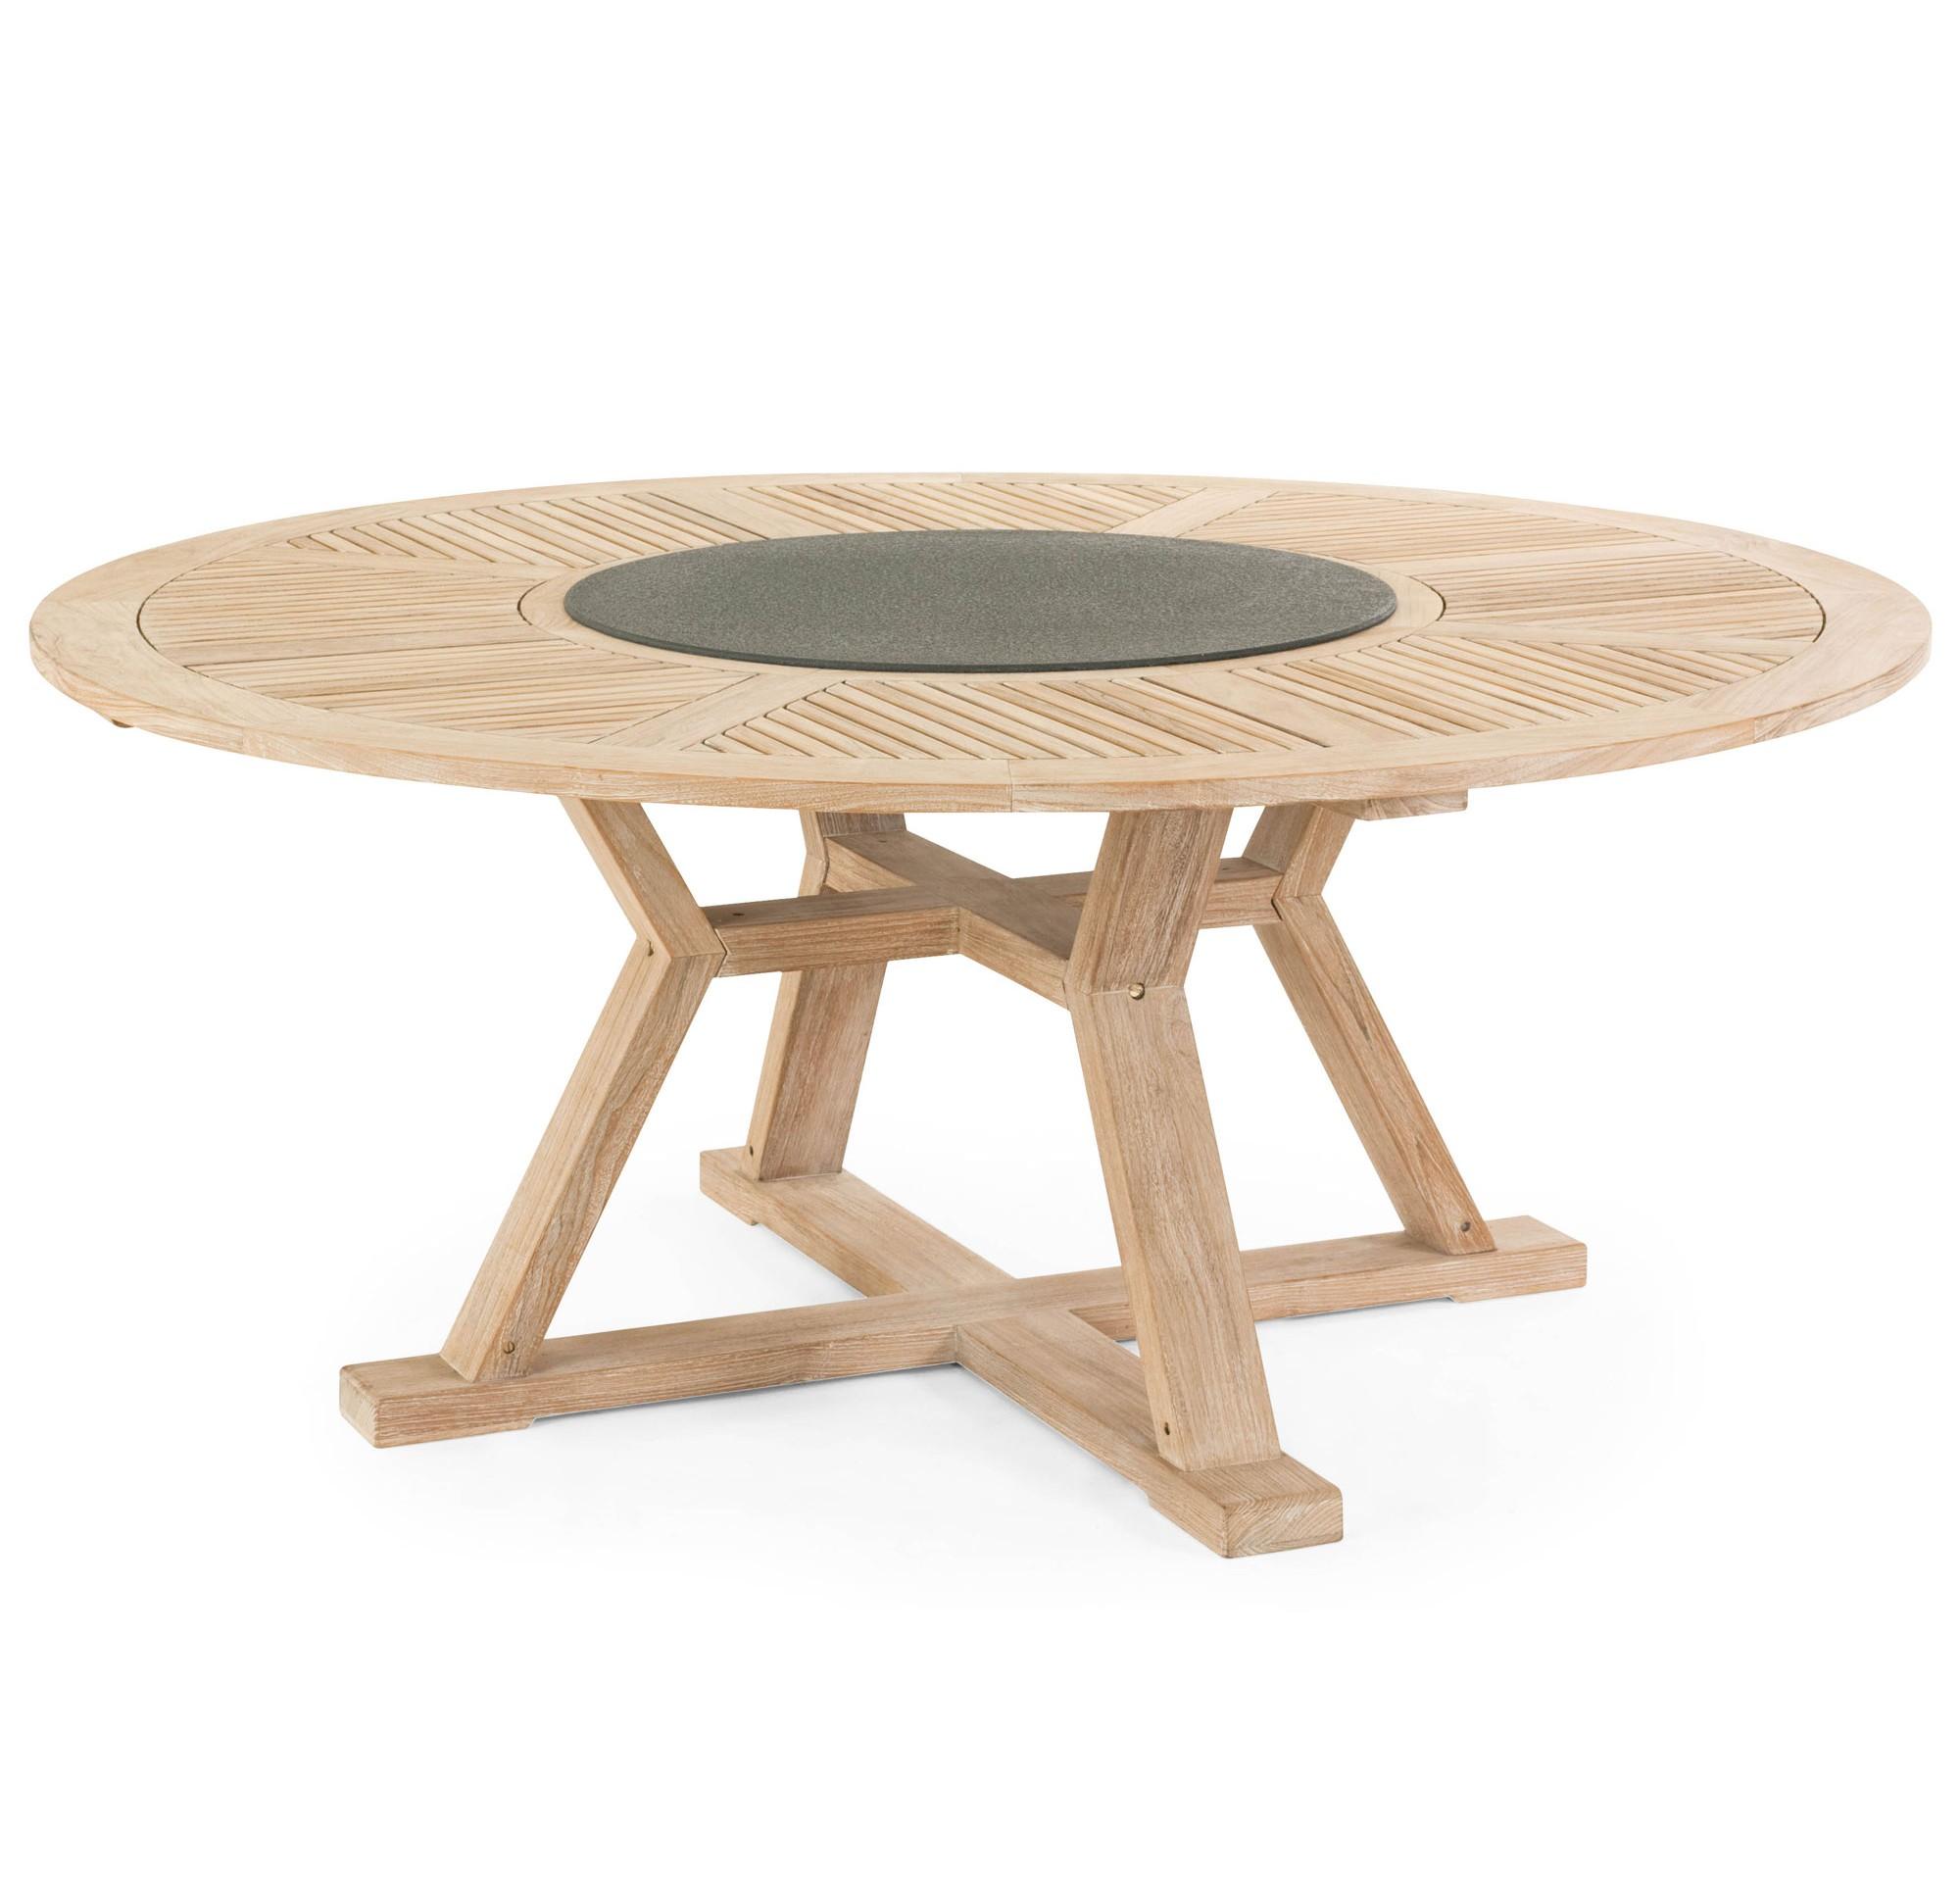 Стол CircusСтолы для улицы<br>Circus - круглый стол из массива тикового дерева. Древесина выполнена с имитированием восстановленного дерева. Стол смотрится очень солидно, а благодаря тому, что он выполнен в круглой форме и не имеет острых углов, за него вы сможете посадить большее количество людей. В комплект к столу прилагается подставка диаметром 80 см из искусственного камня черного цвета, она кладется на механизм в центре стола и вращается вокруг своей оси. Требуется сборка.<br><br>Material: Дерево<br>Height см: 75<br>Diameter см: 180